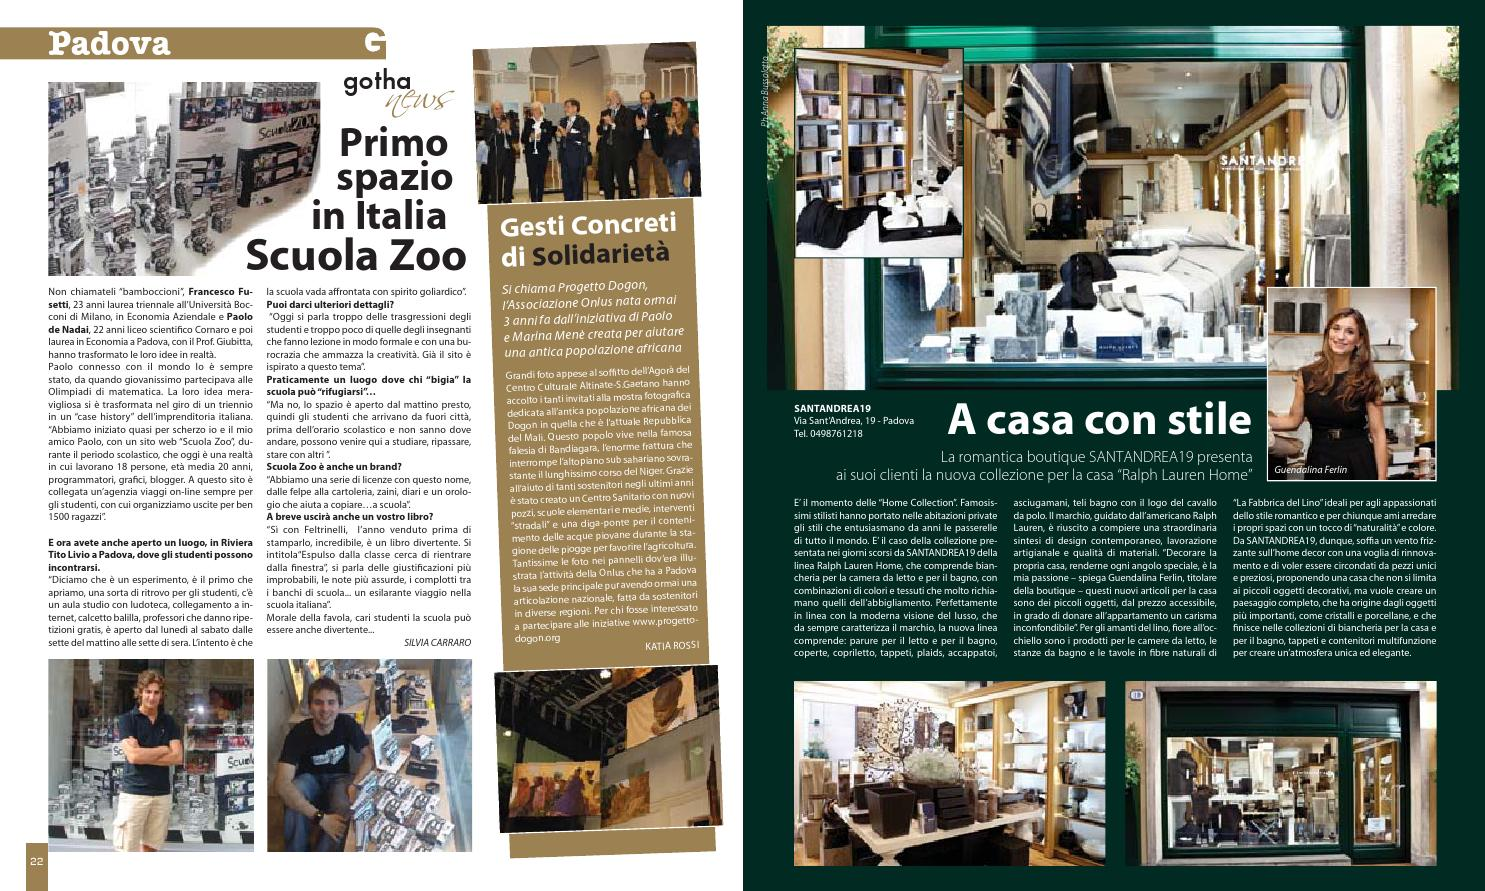 Prezzi Camere Da Letto Gotha gotha novembre 2010 by gotha magazine - issuu